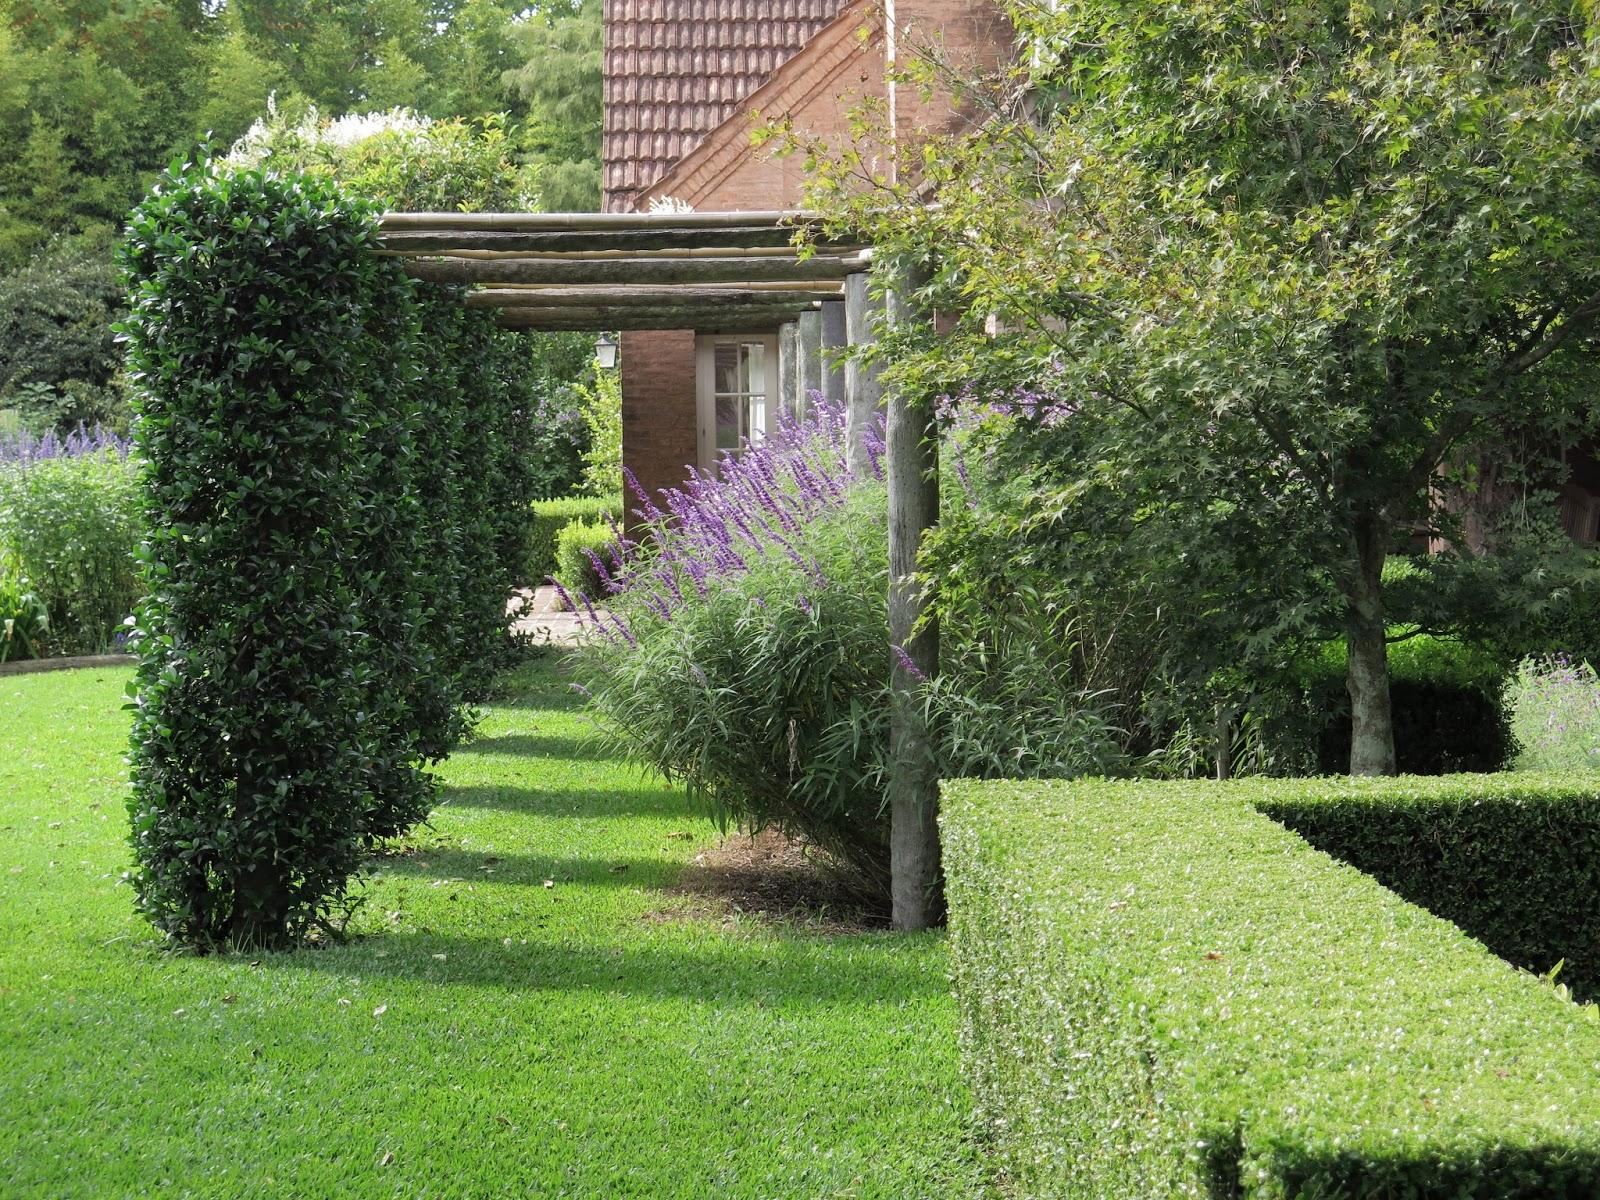 En el jardin lleg el oto o for Casa jardin 8 de octubre